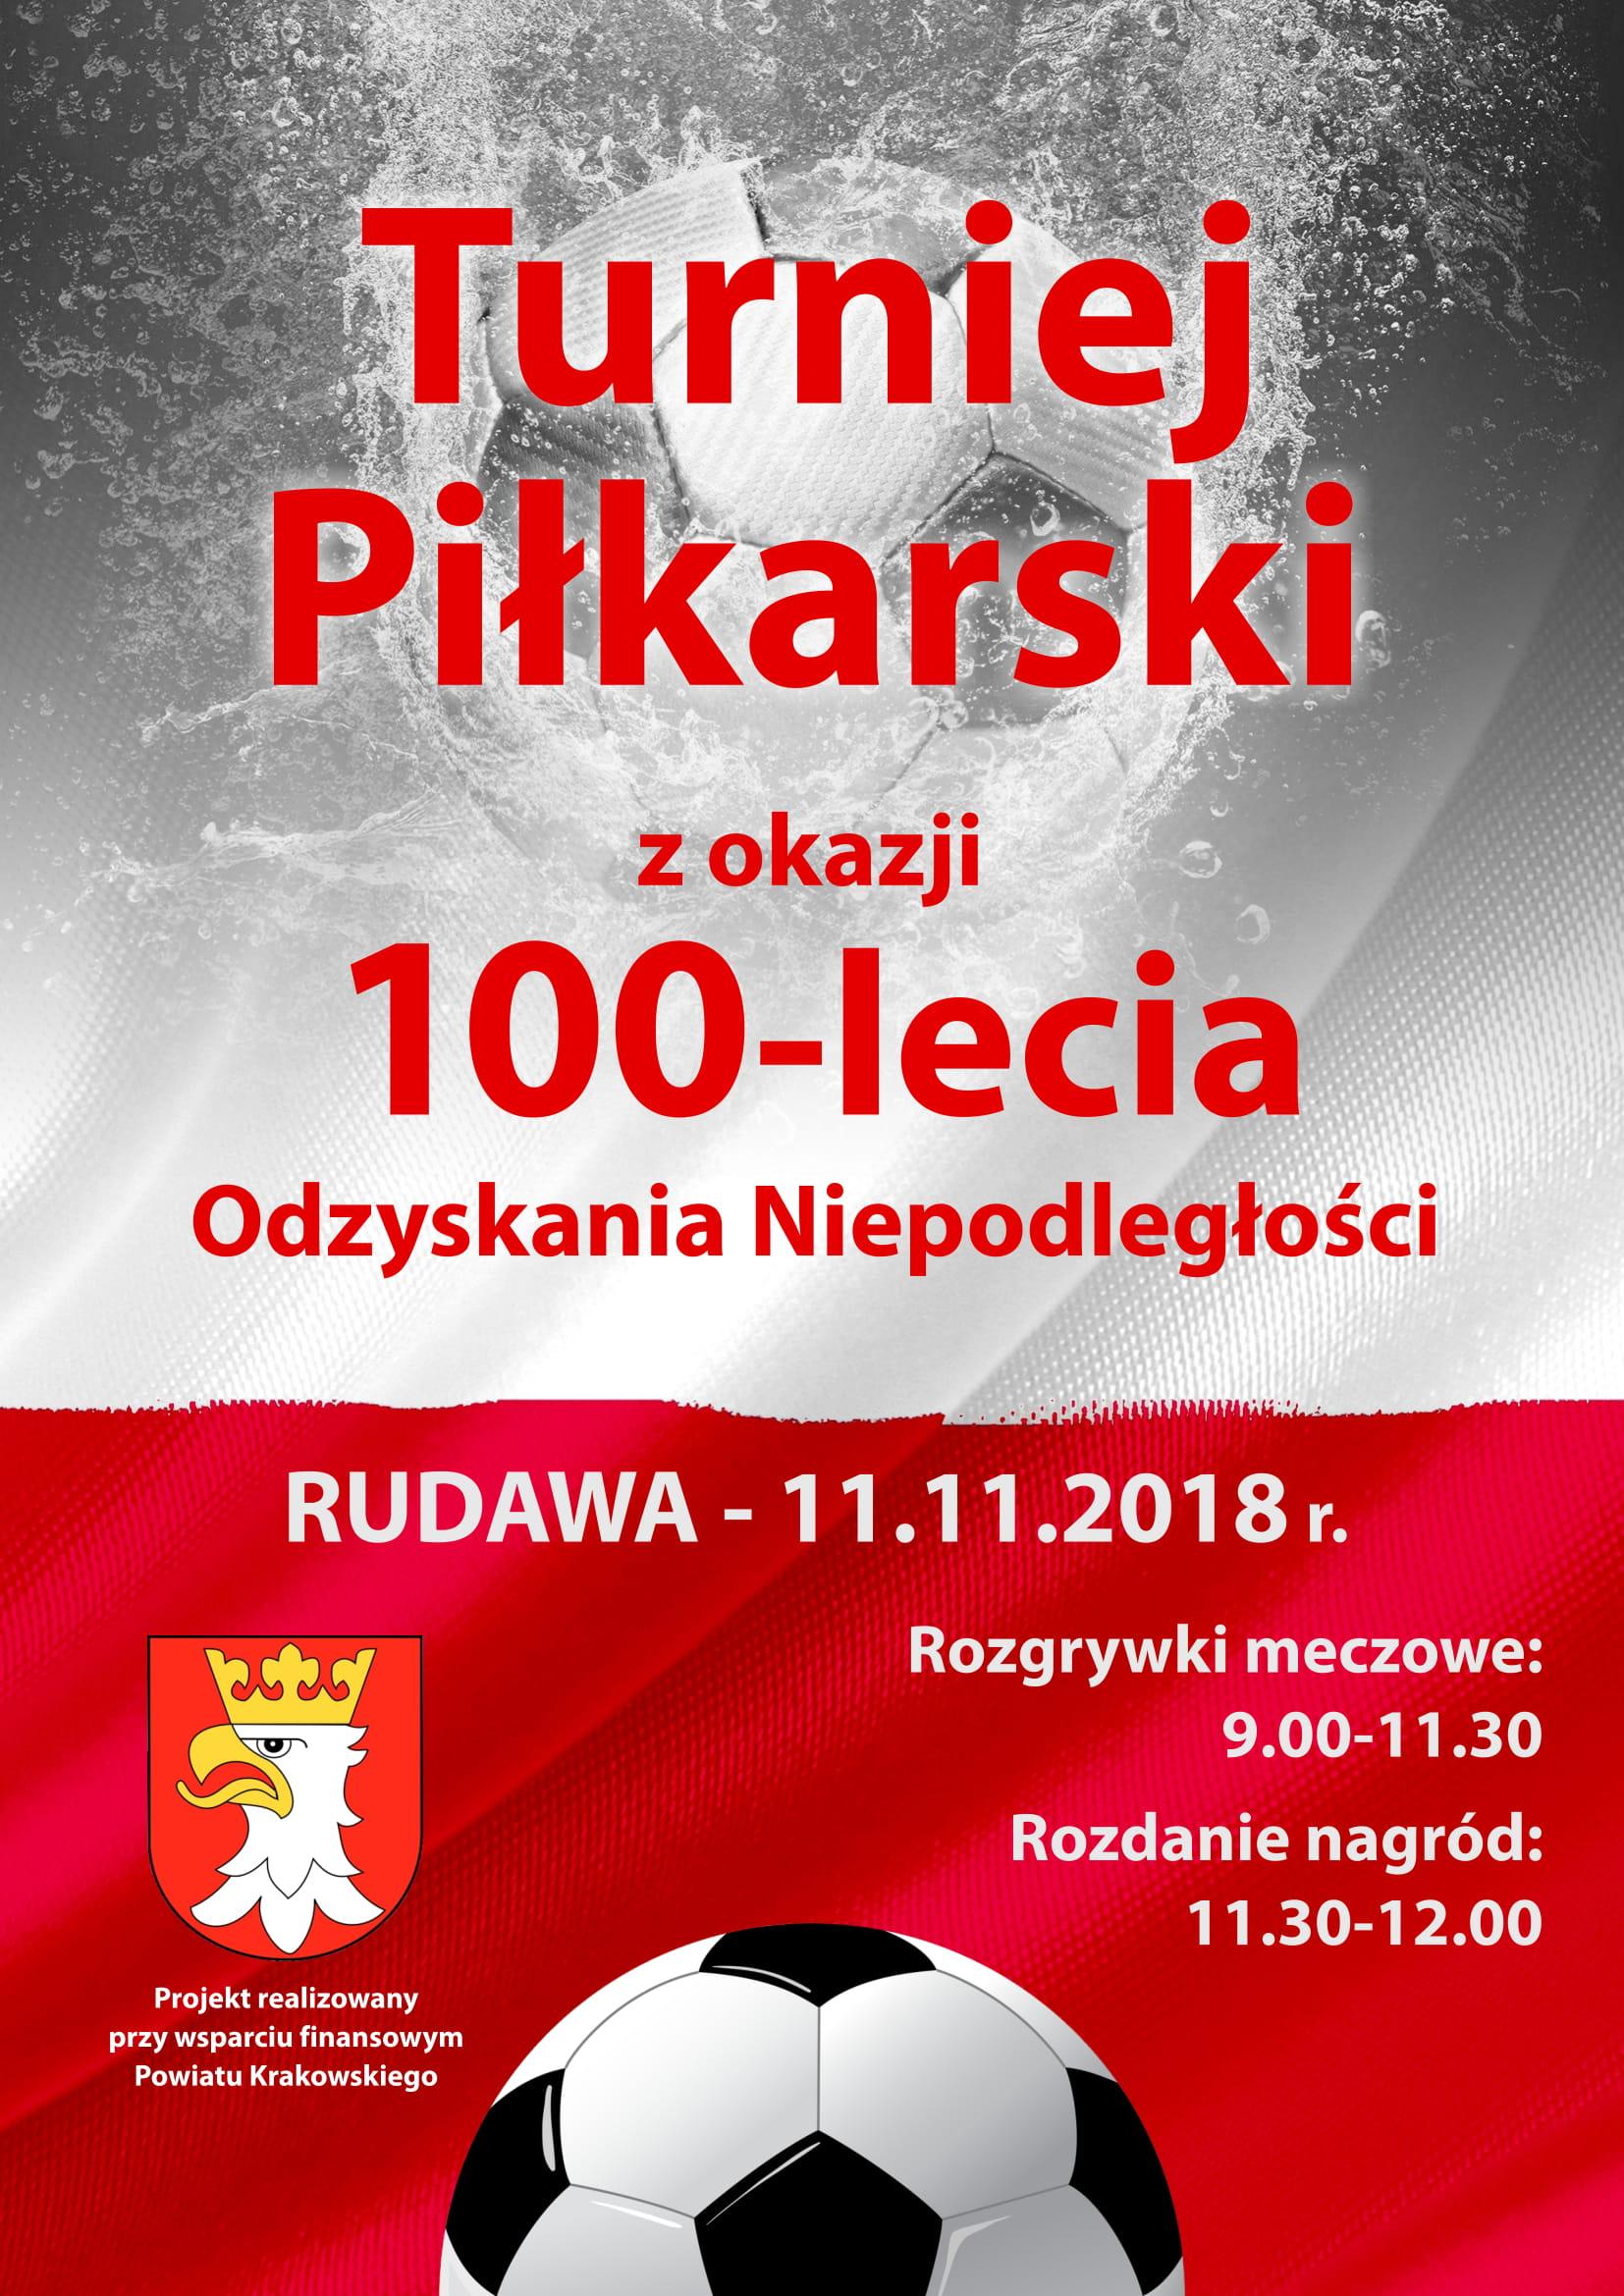 Turniej Piłkarski @ Rudawa | małopolskie | Polska